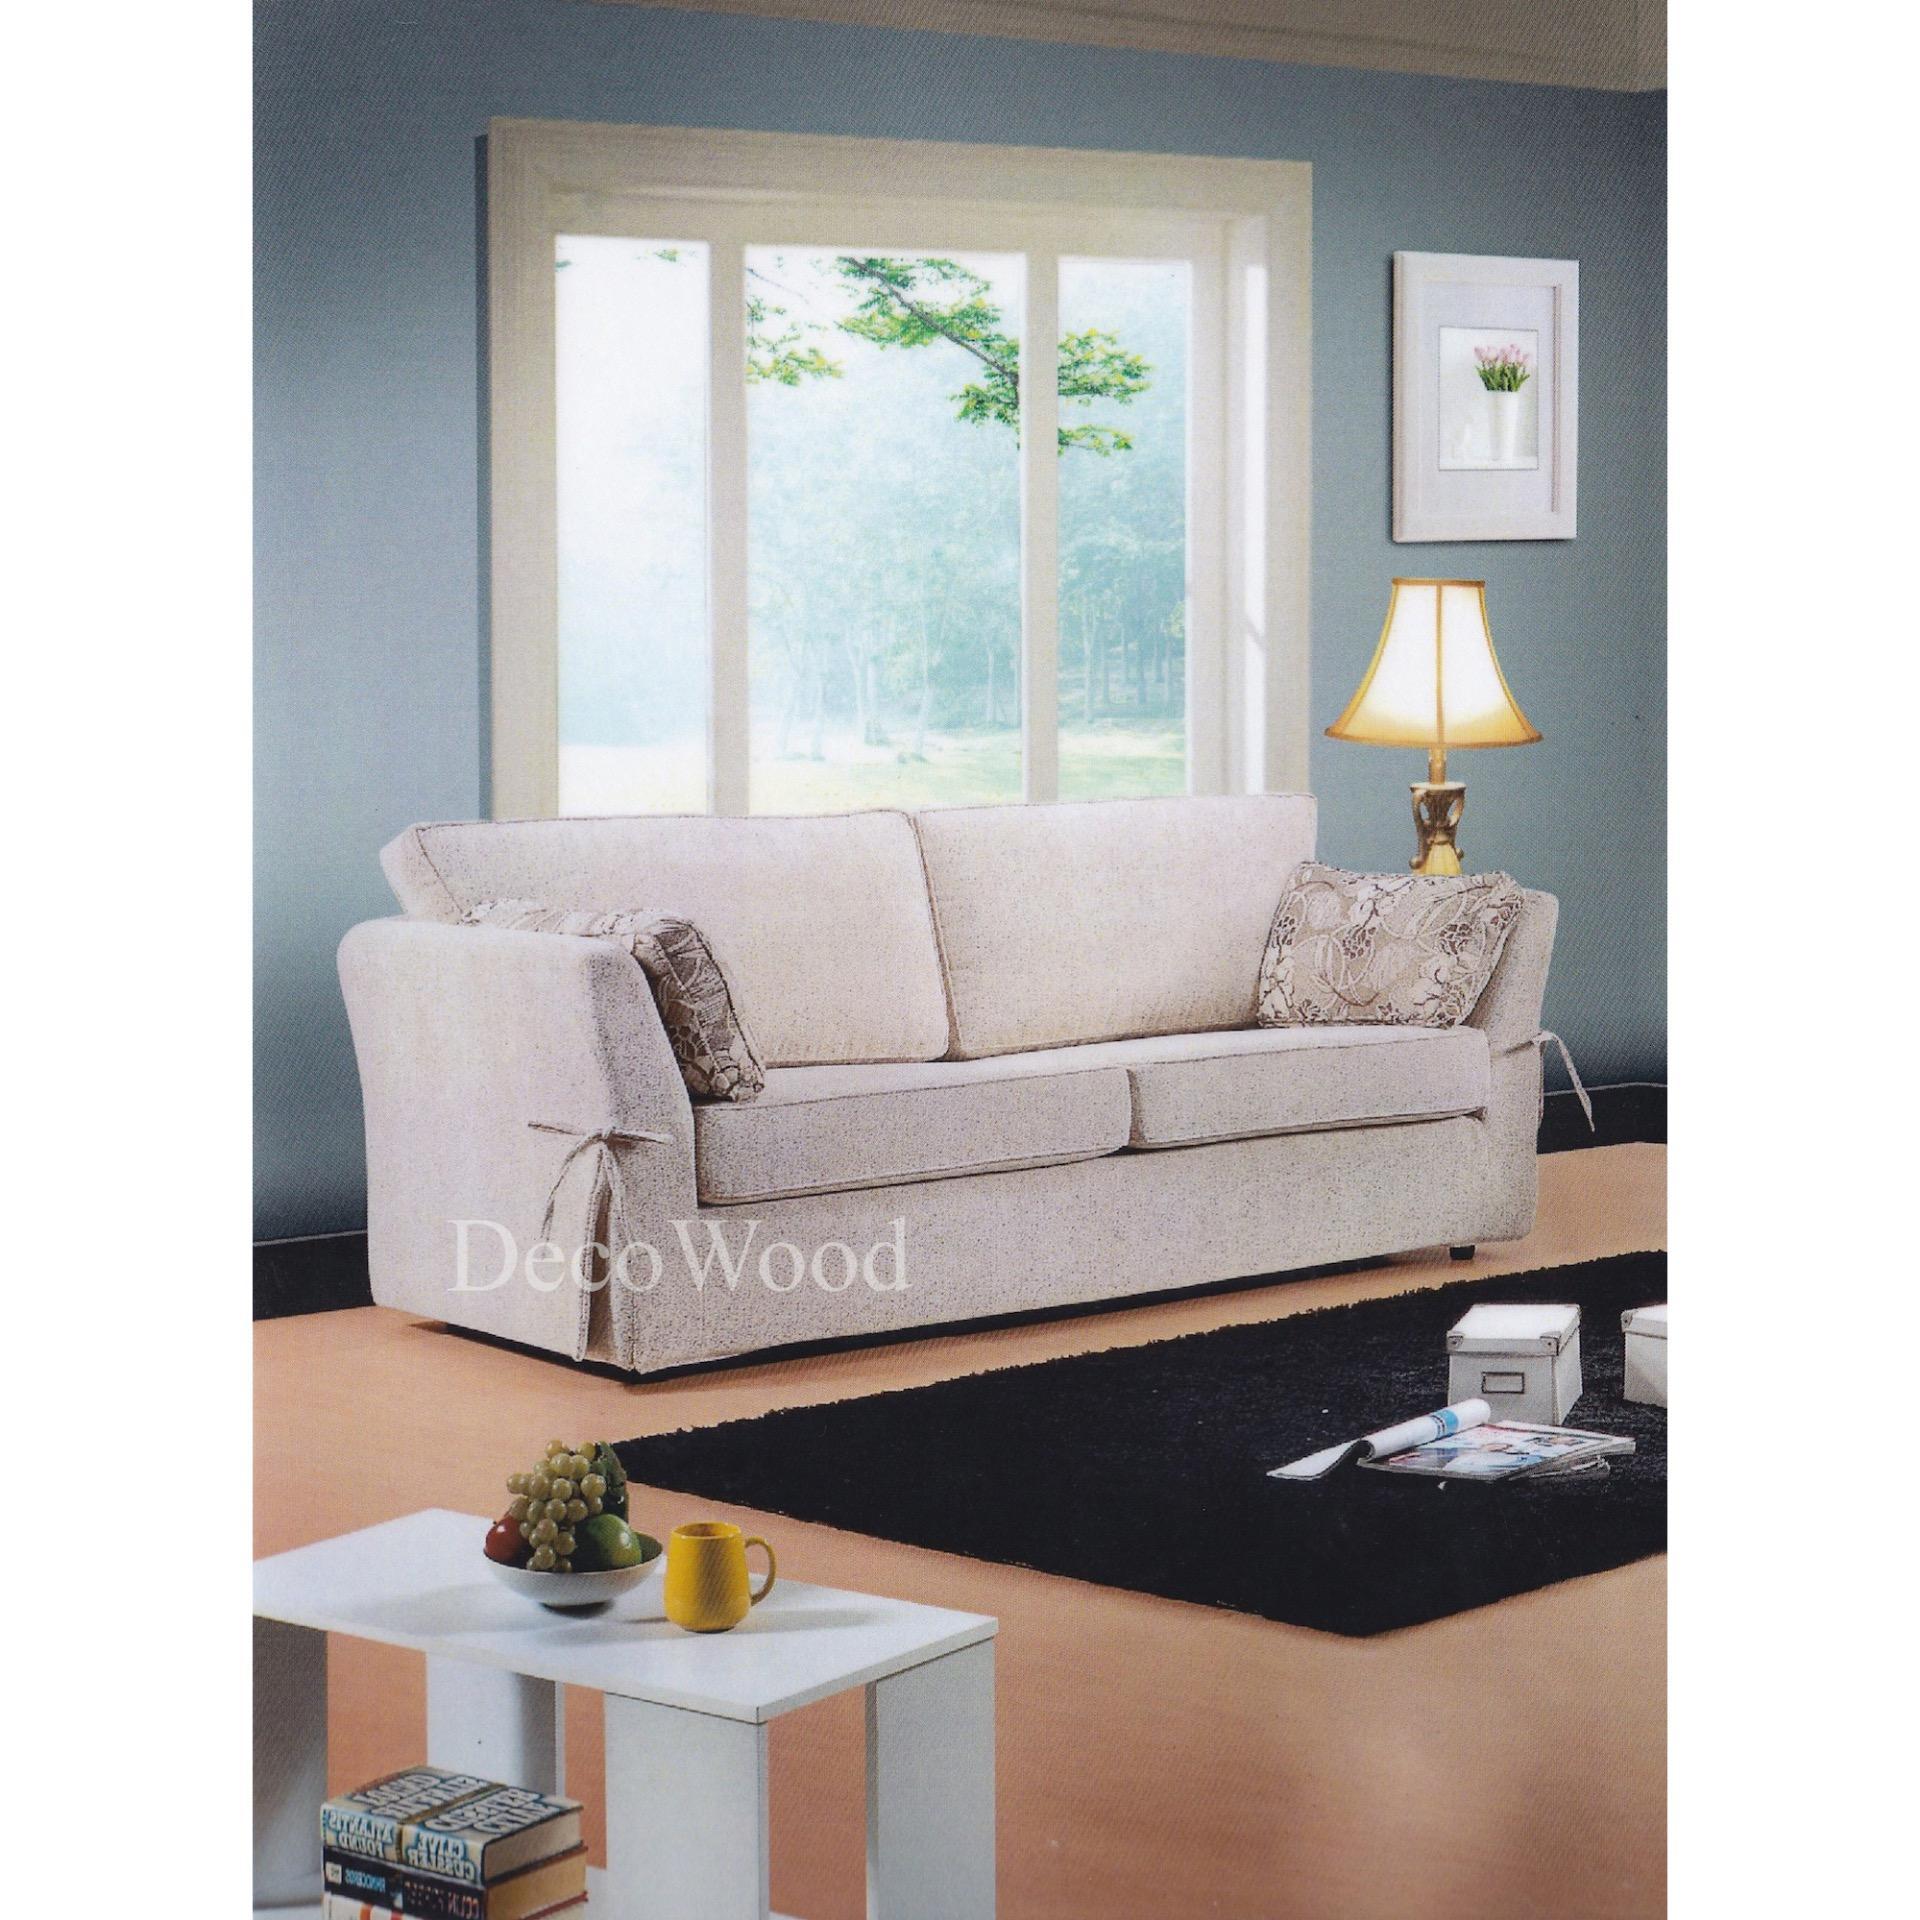 3 Seater Sofa Set Fully Fabric Sofa End 5 9 2021 12 00 Am